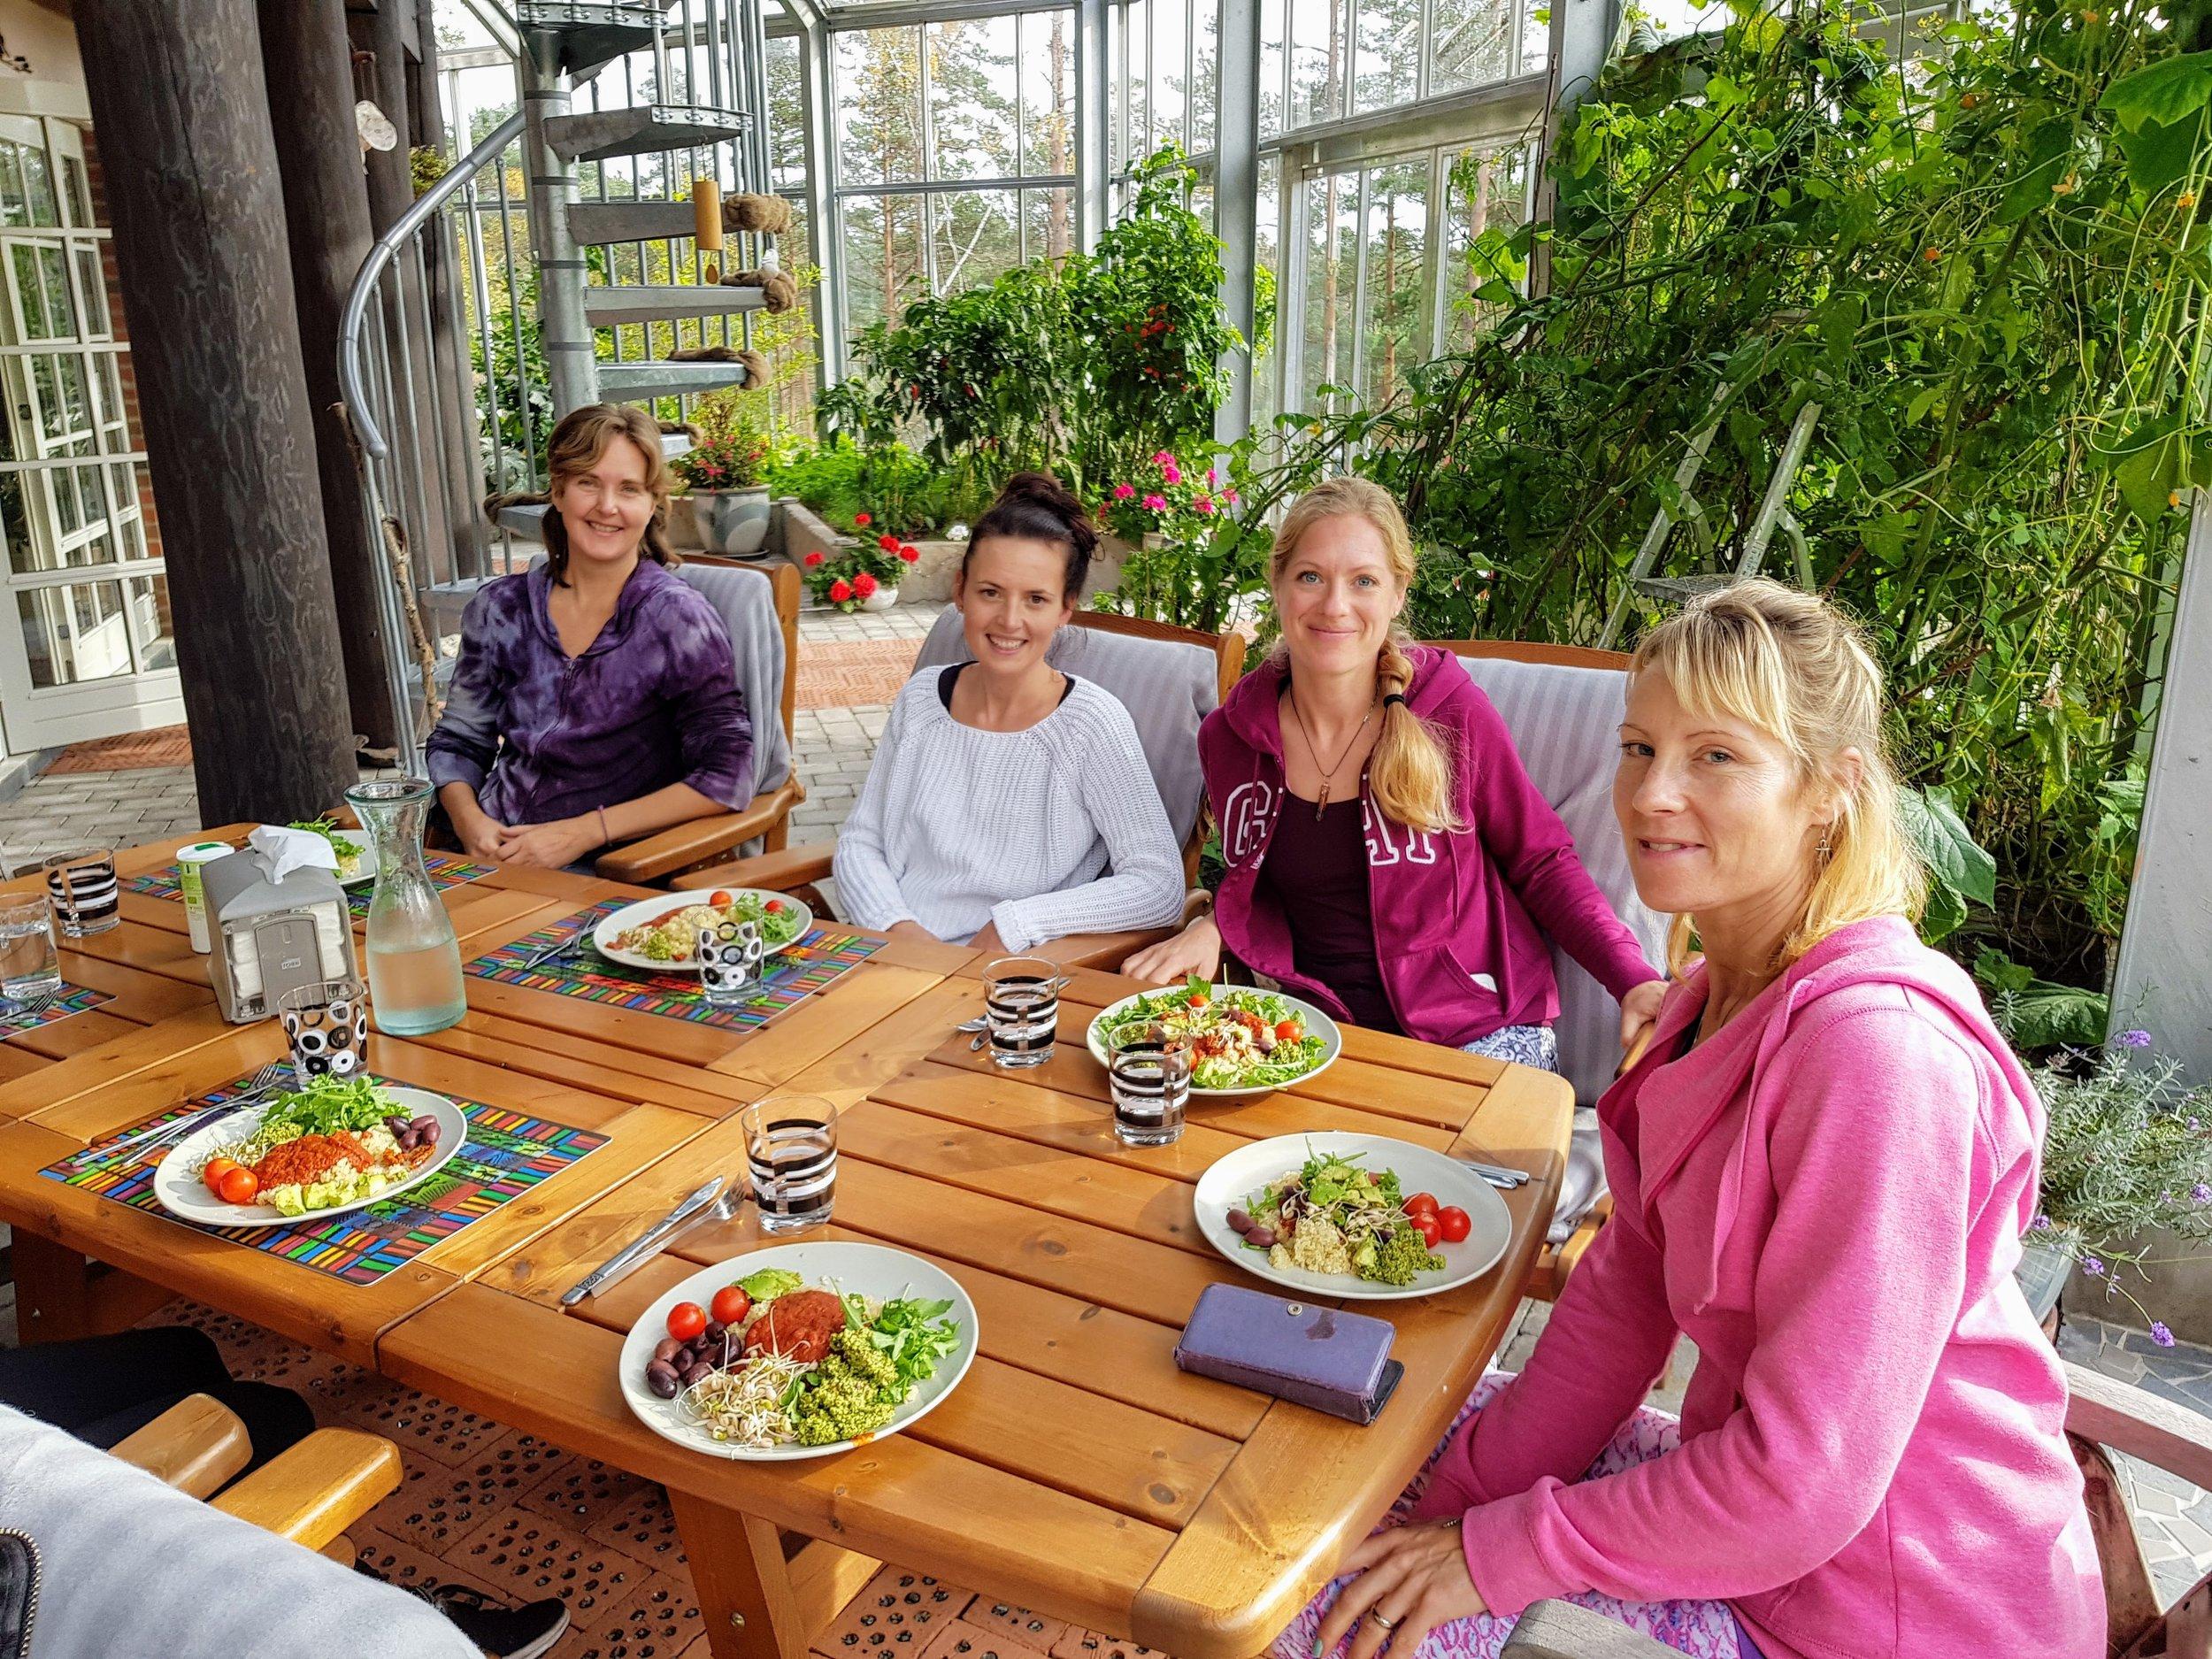 Lunch i den härliga vinterträdgården!